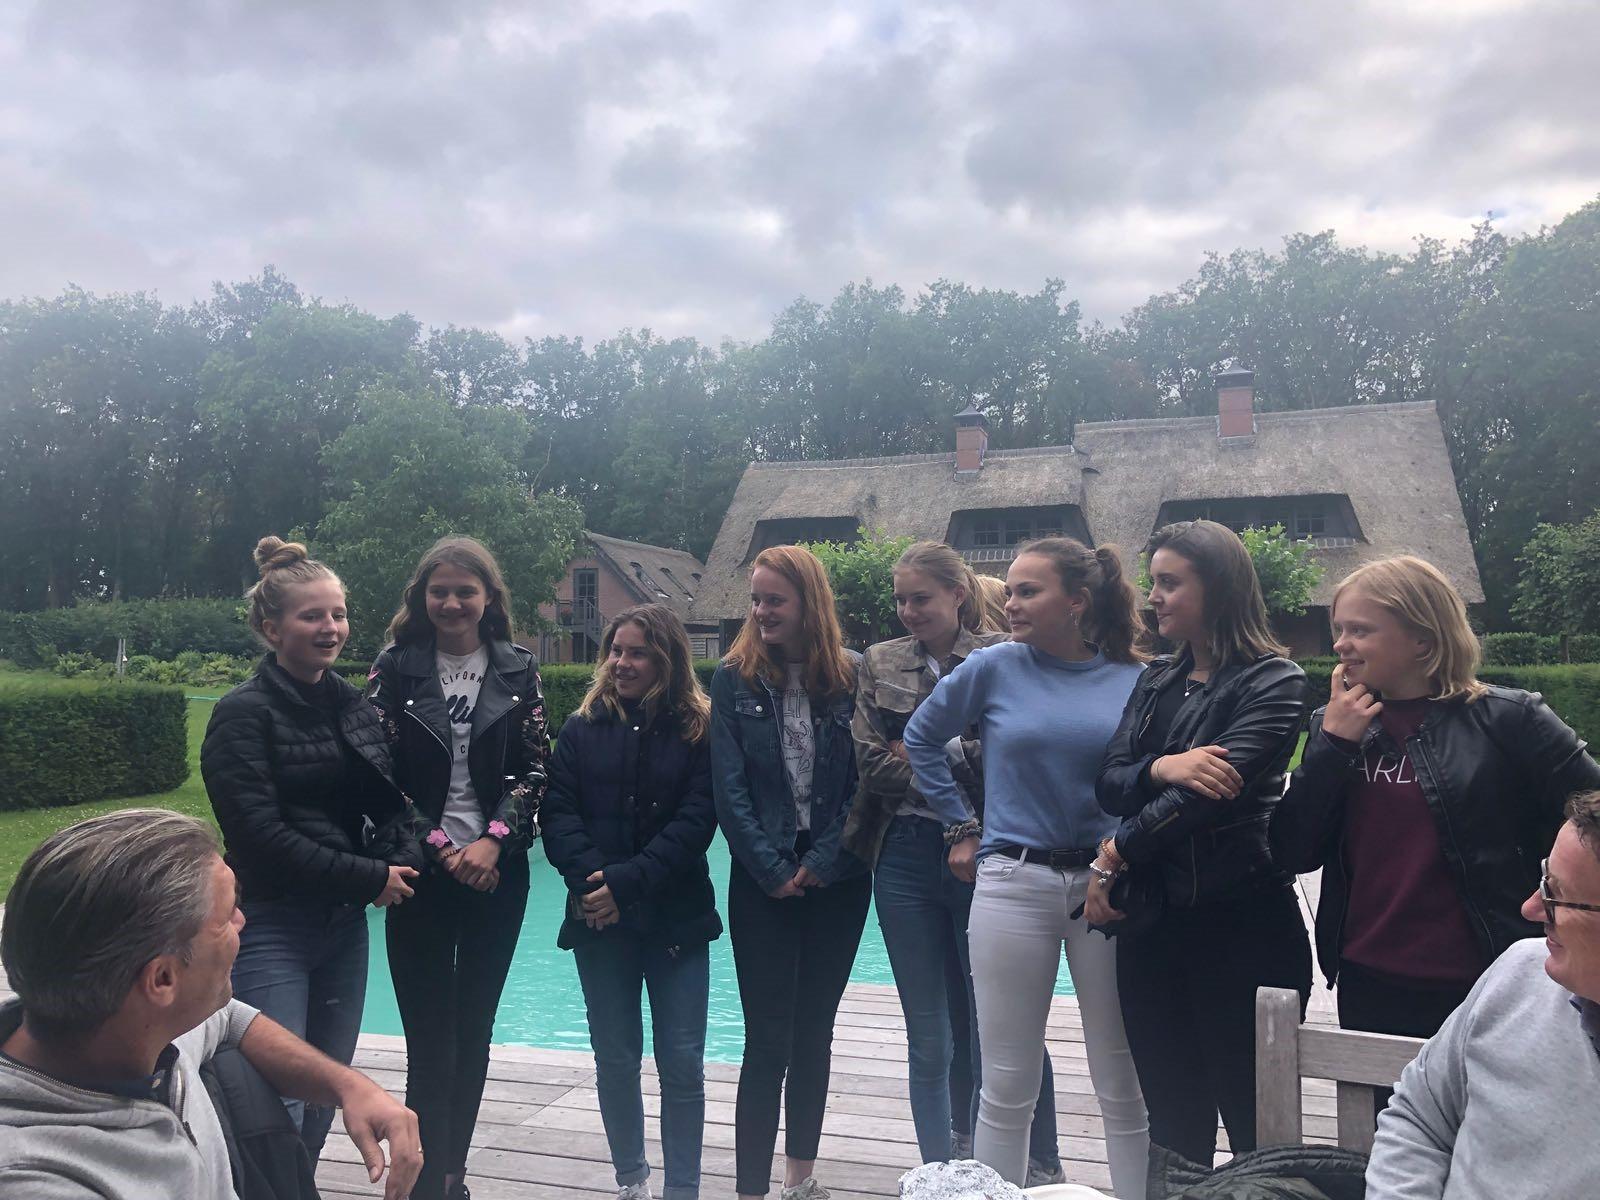 BBQ'en voor de Sytske Foundation! Opbrengst € 200! Dank lieve meiden!